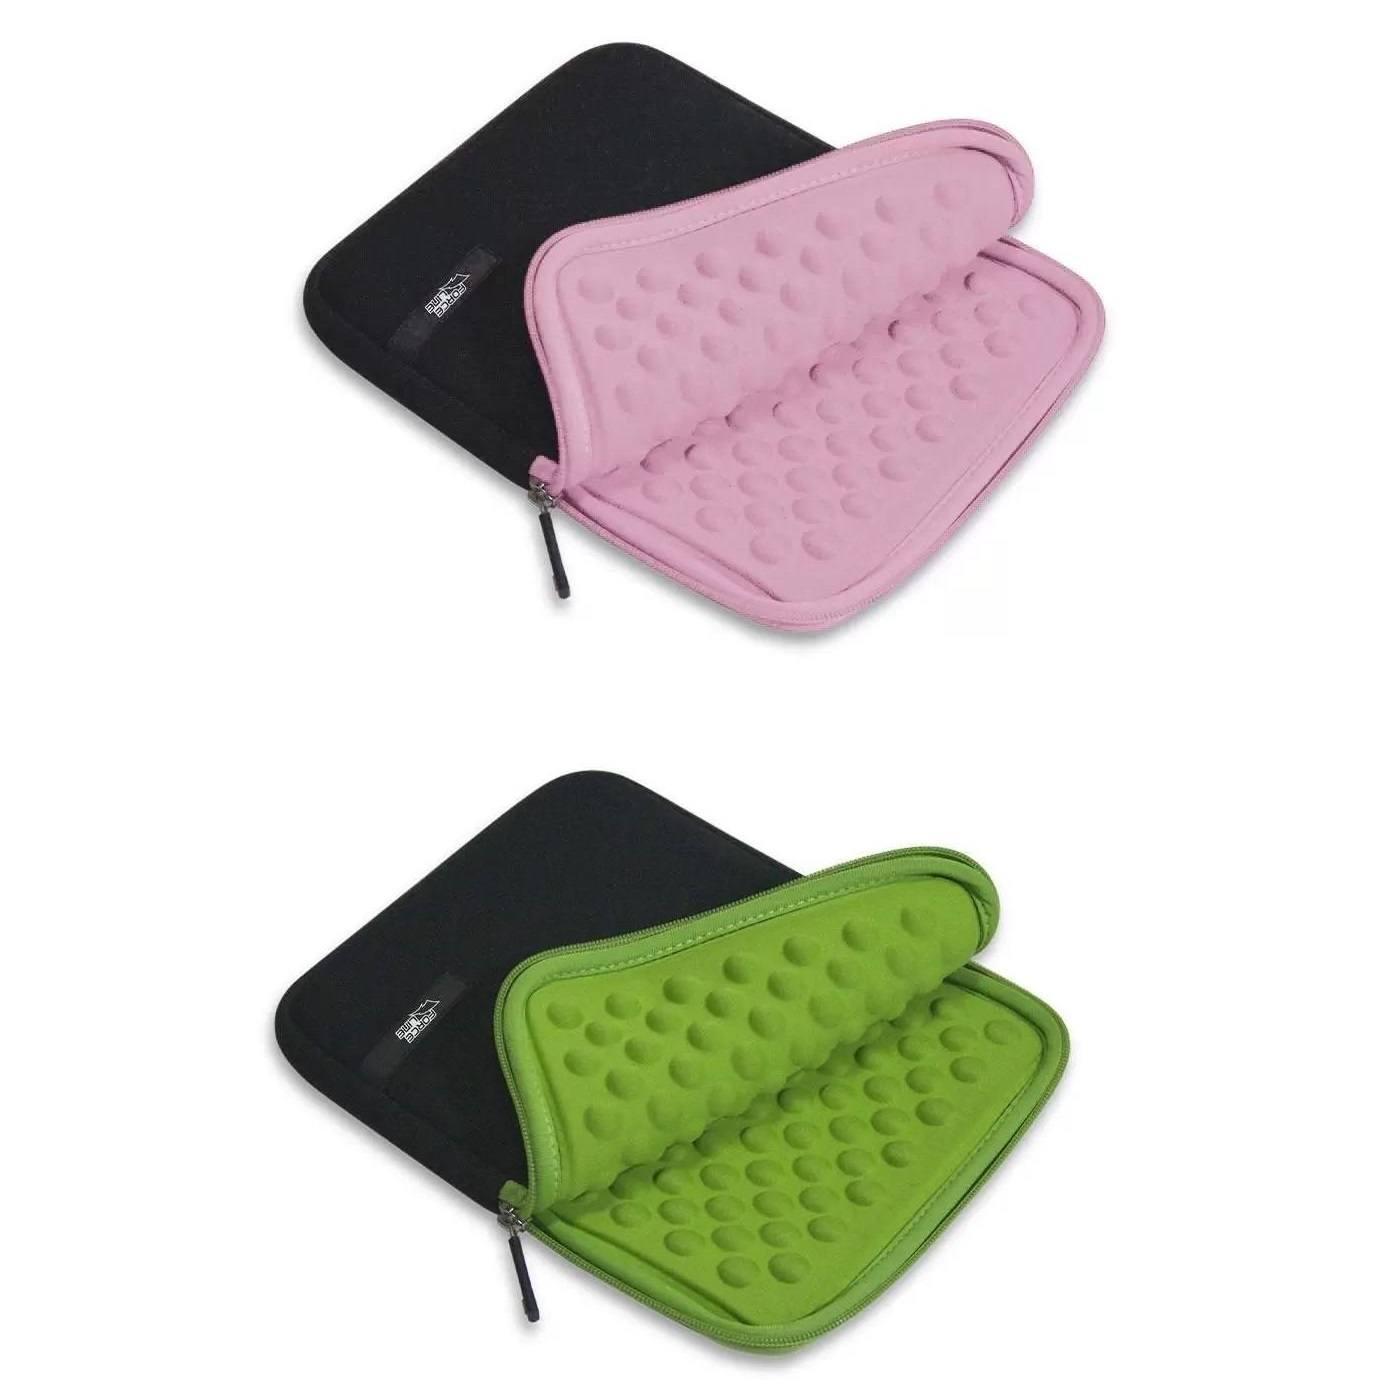 Case para tablet / iPad até 9,7 pol Preto/Rosa Preto/Verde - 27x22x3cm - Forceline